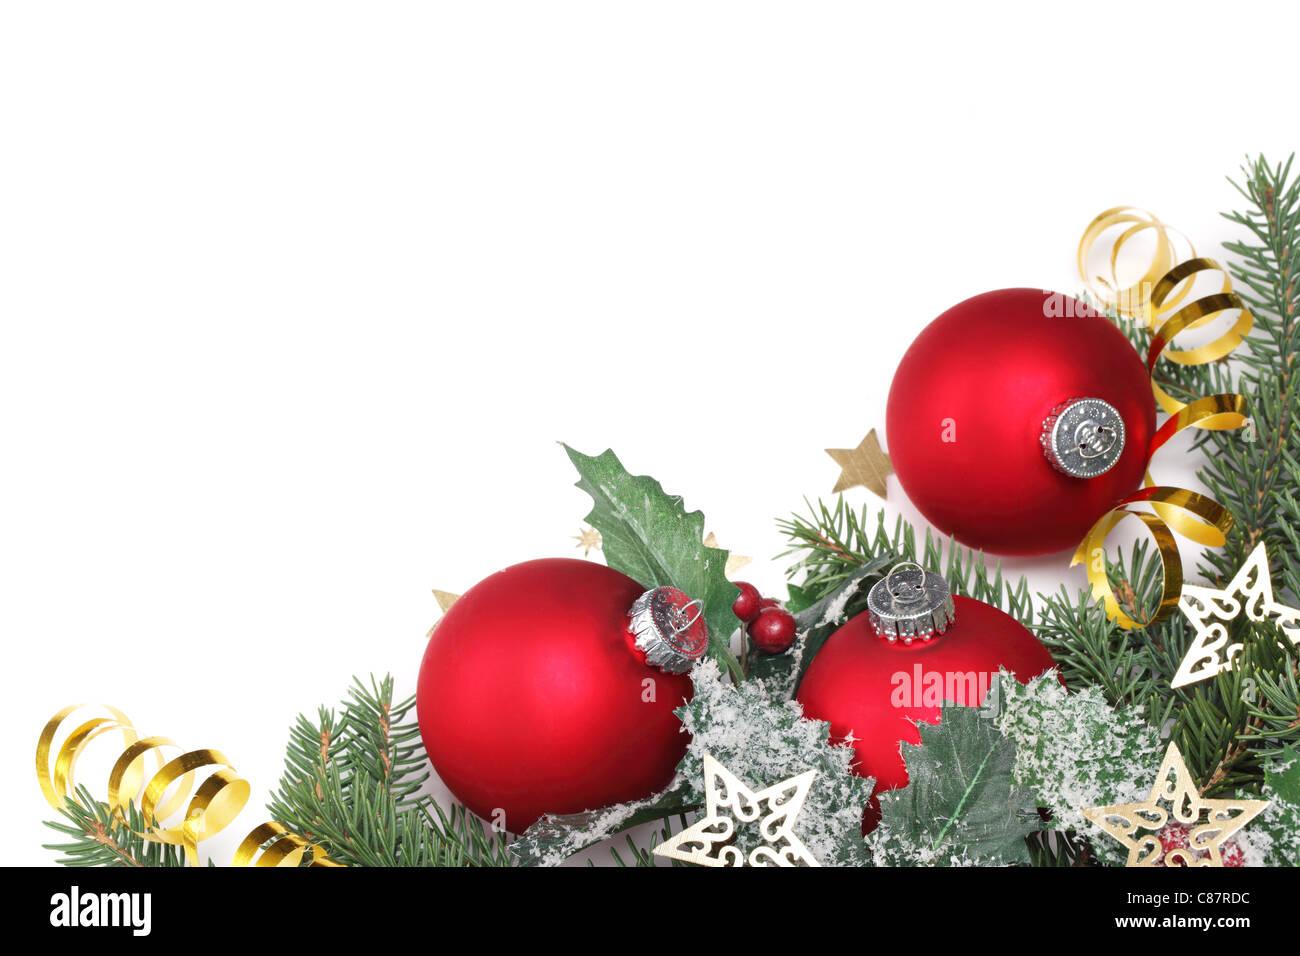 Weihnachtsbilder Tannenzweig.Roter Tannenbaum Stockfotos Roter Tannenbaum Bilder Alamy